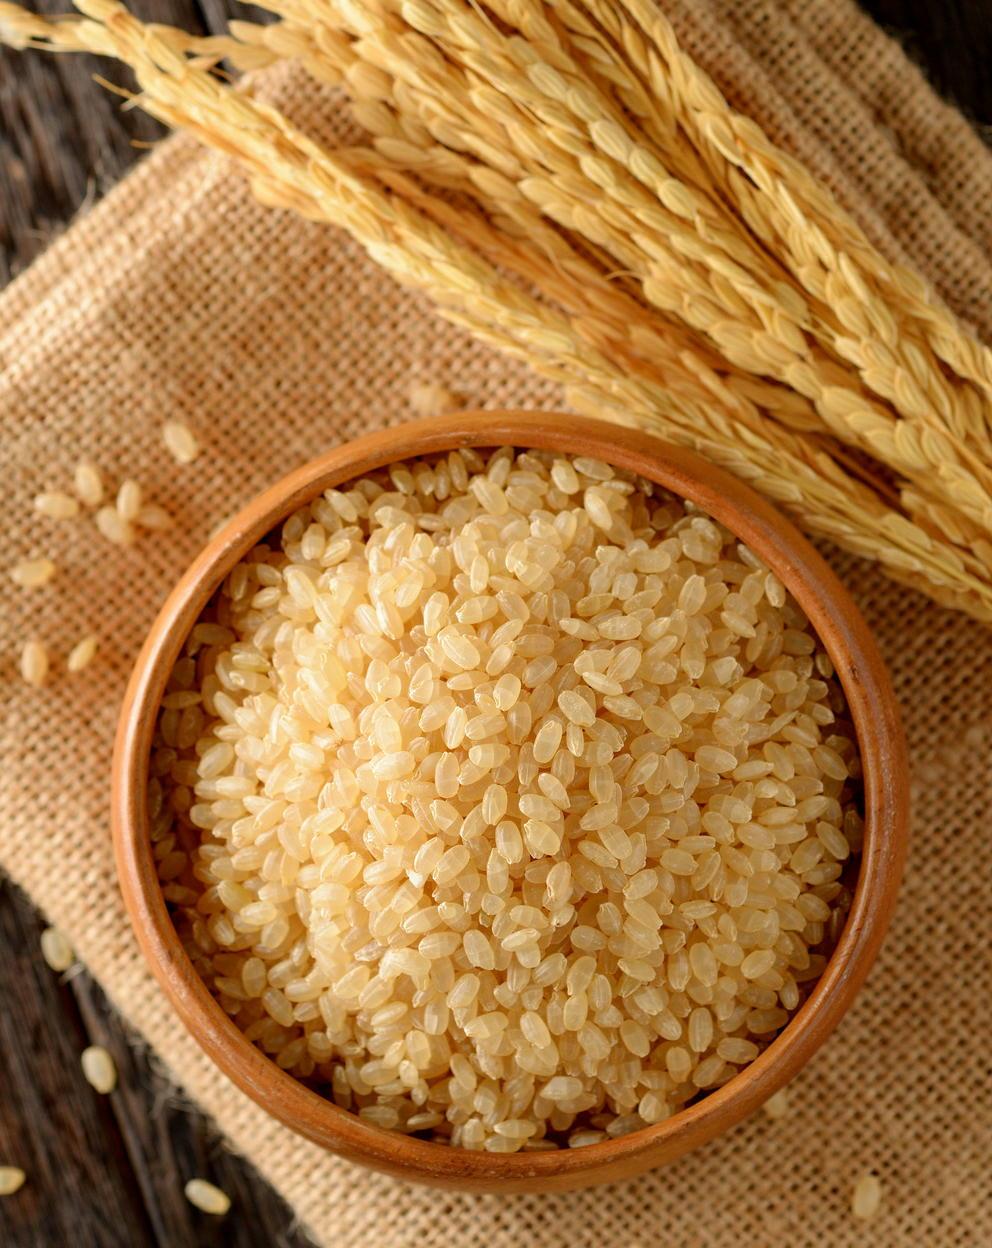 「米ぬか」成分に血圧降下作用 米ぬかペプチドが血管機能を改善 食品素材として活用